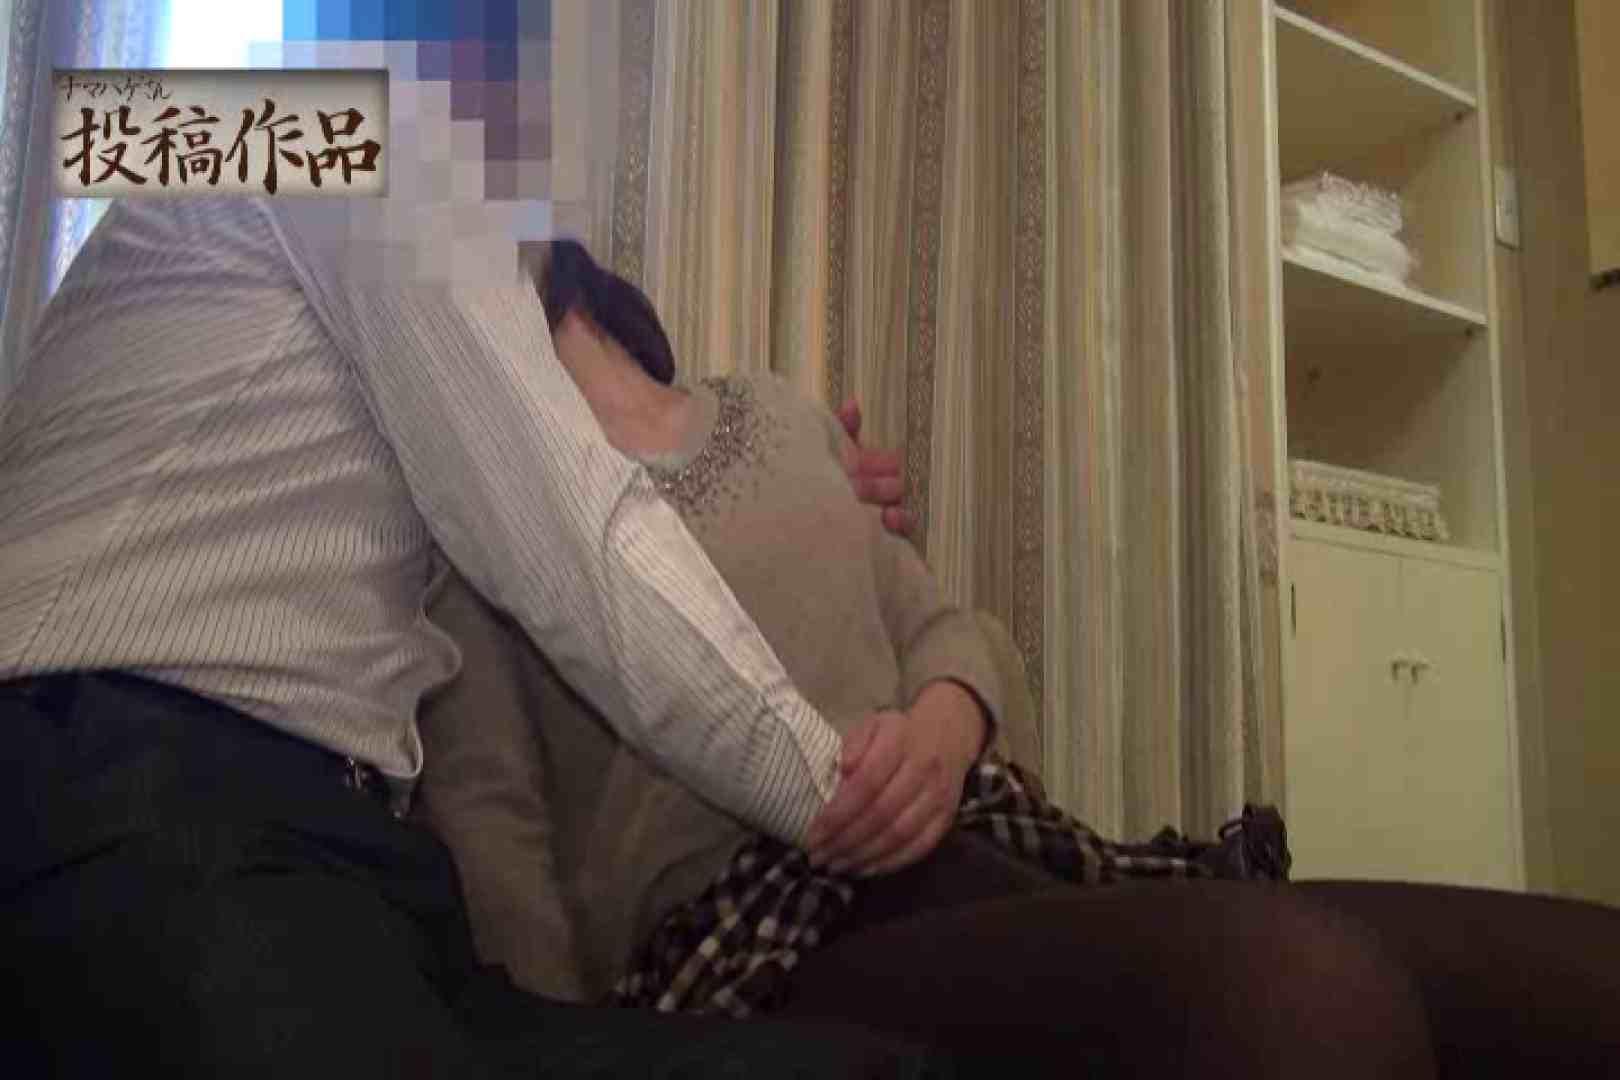 ナマハゲさんのまんこコレクション第二章 nao01 投稿映像 盗撮画像 100pic 14